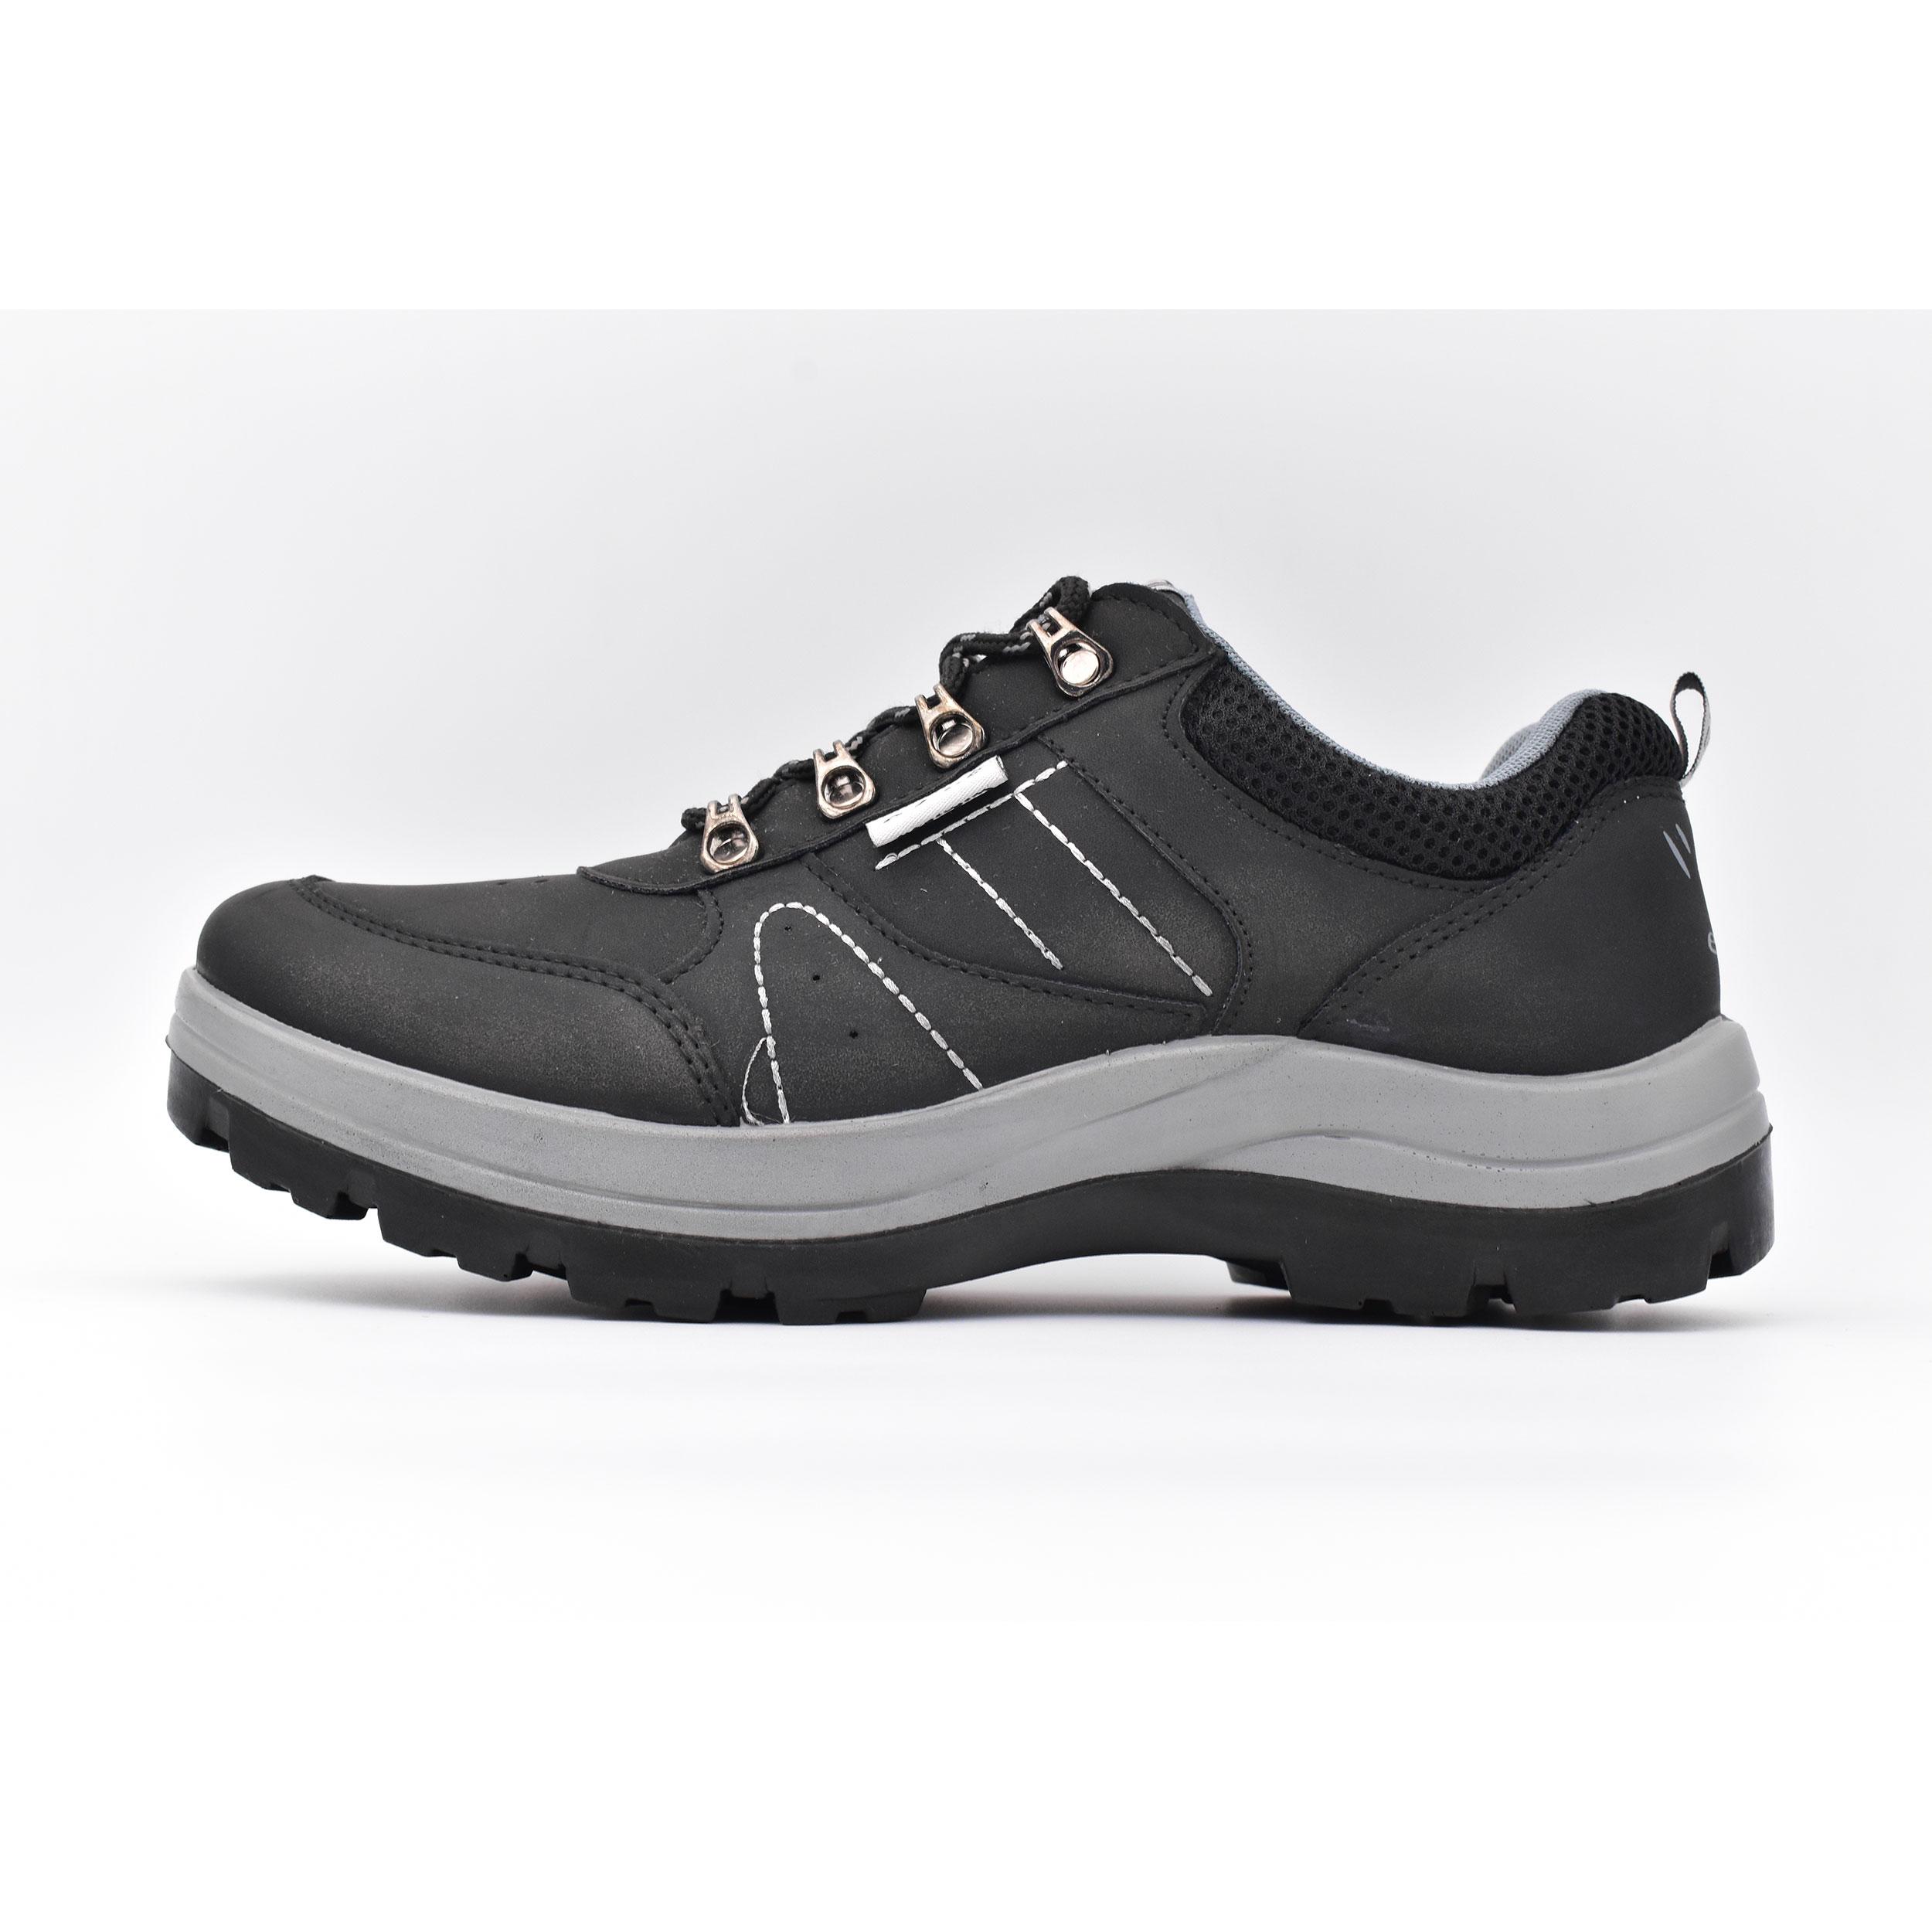 کفش پیاده روی مردانه ای ال ام مدل ماکان کد 7983